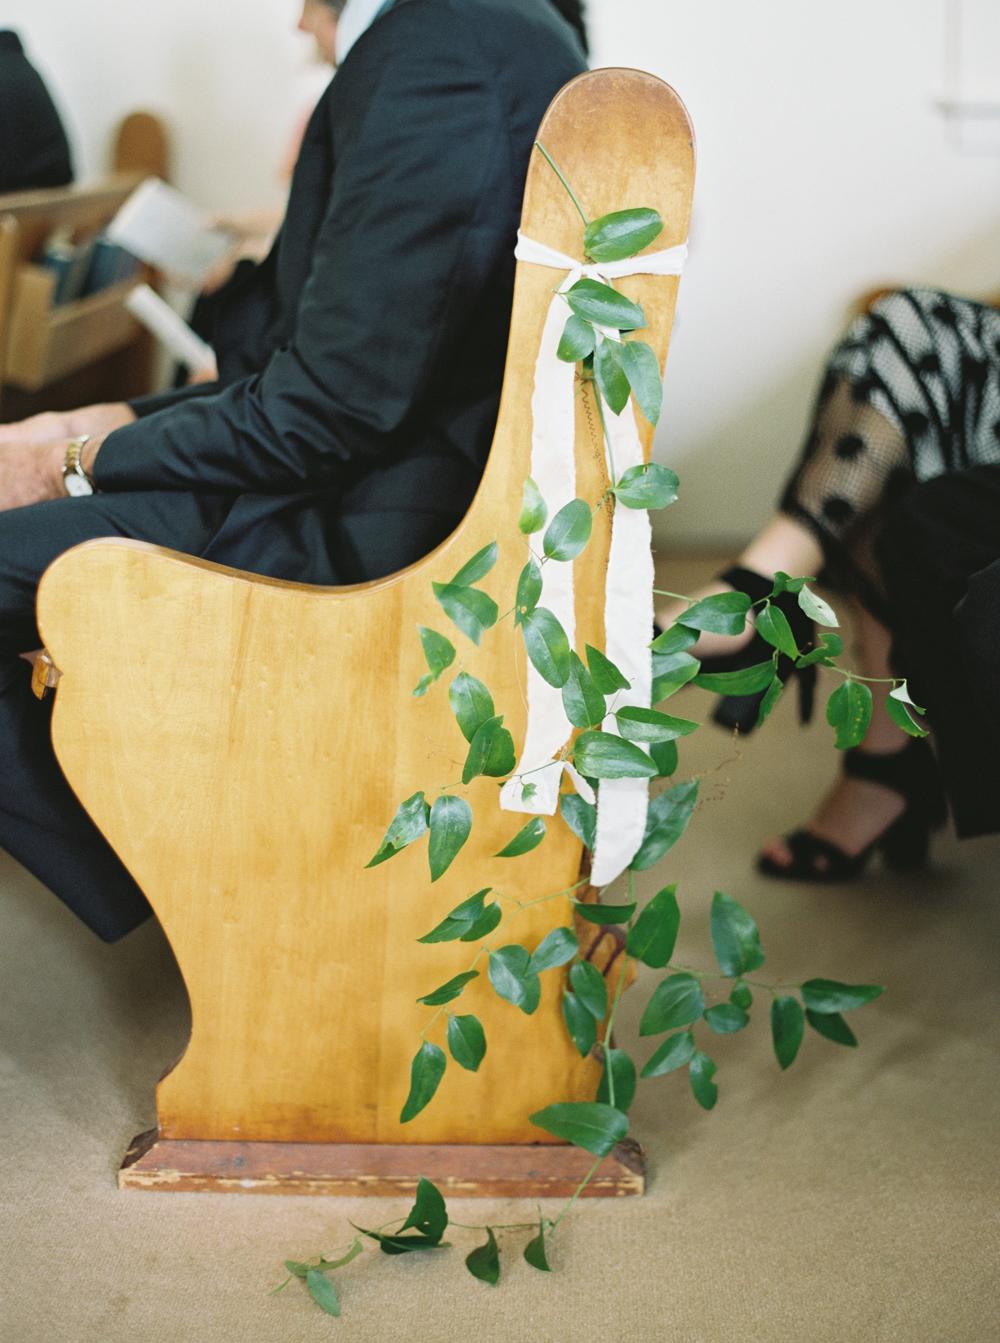 0018-When-He-Found-Her-Muskoka-JW Marriott-The Rosseau-shea-events-sweet-woodruff-canadian-resort-wedding.jpg